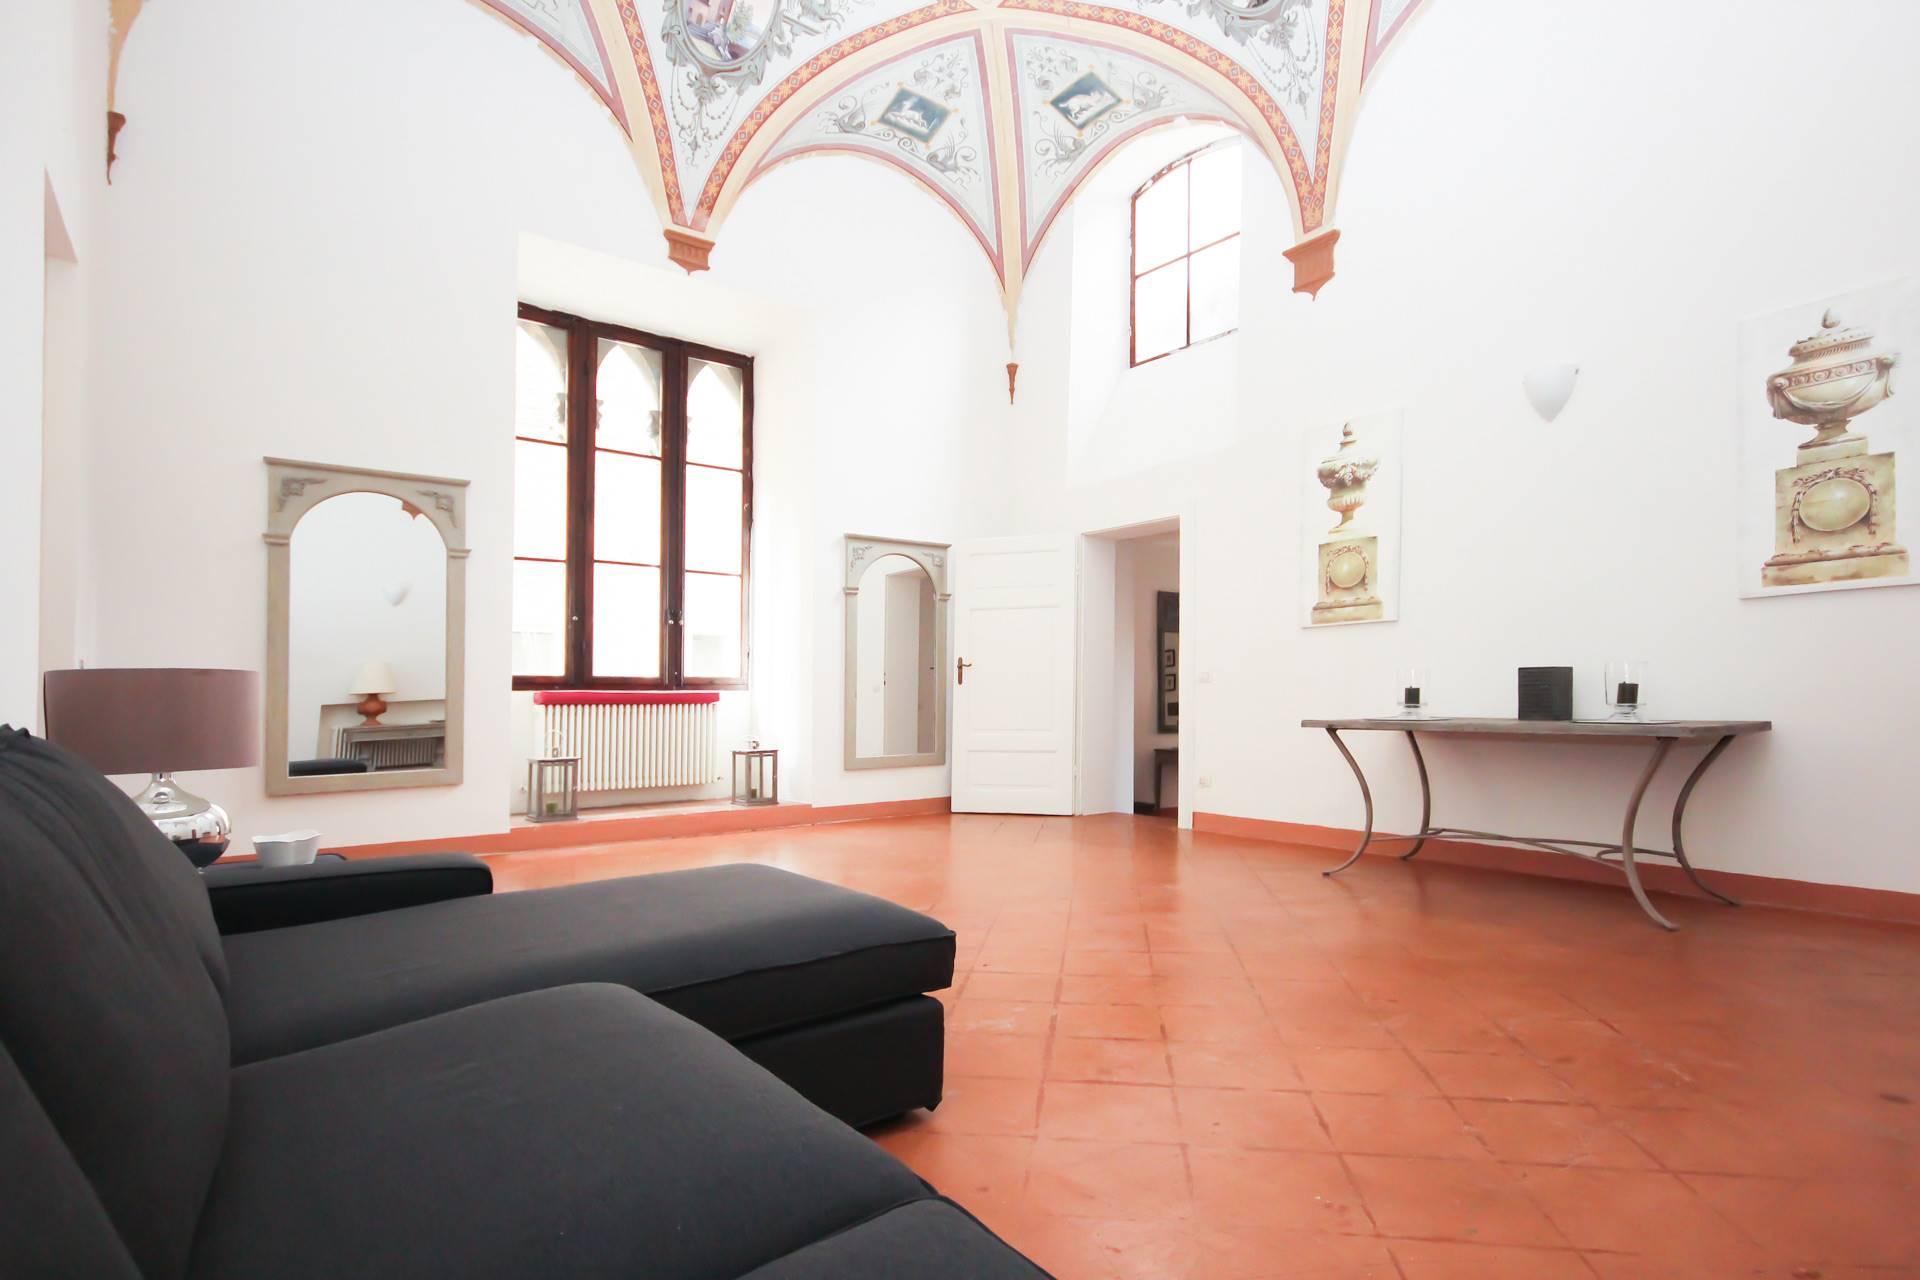 Appartamento di pregio all'interno di un palazzo di interesse storico in una delle vie più in voga di Siena. L'alloggio è posto al secondo piano servito comodamente da ascensore, e si compone di un